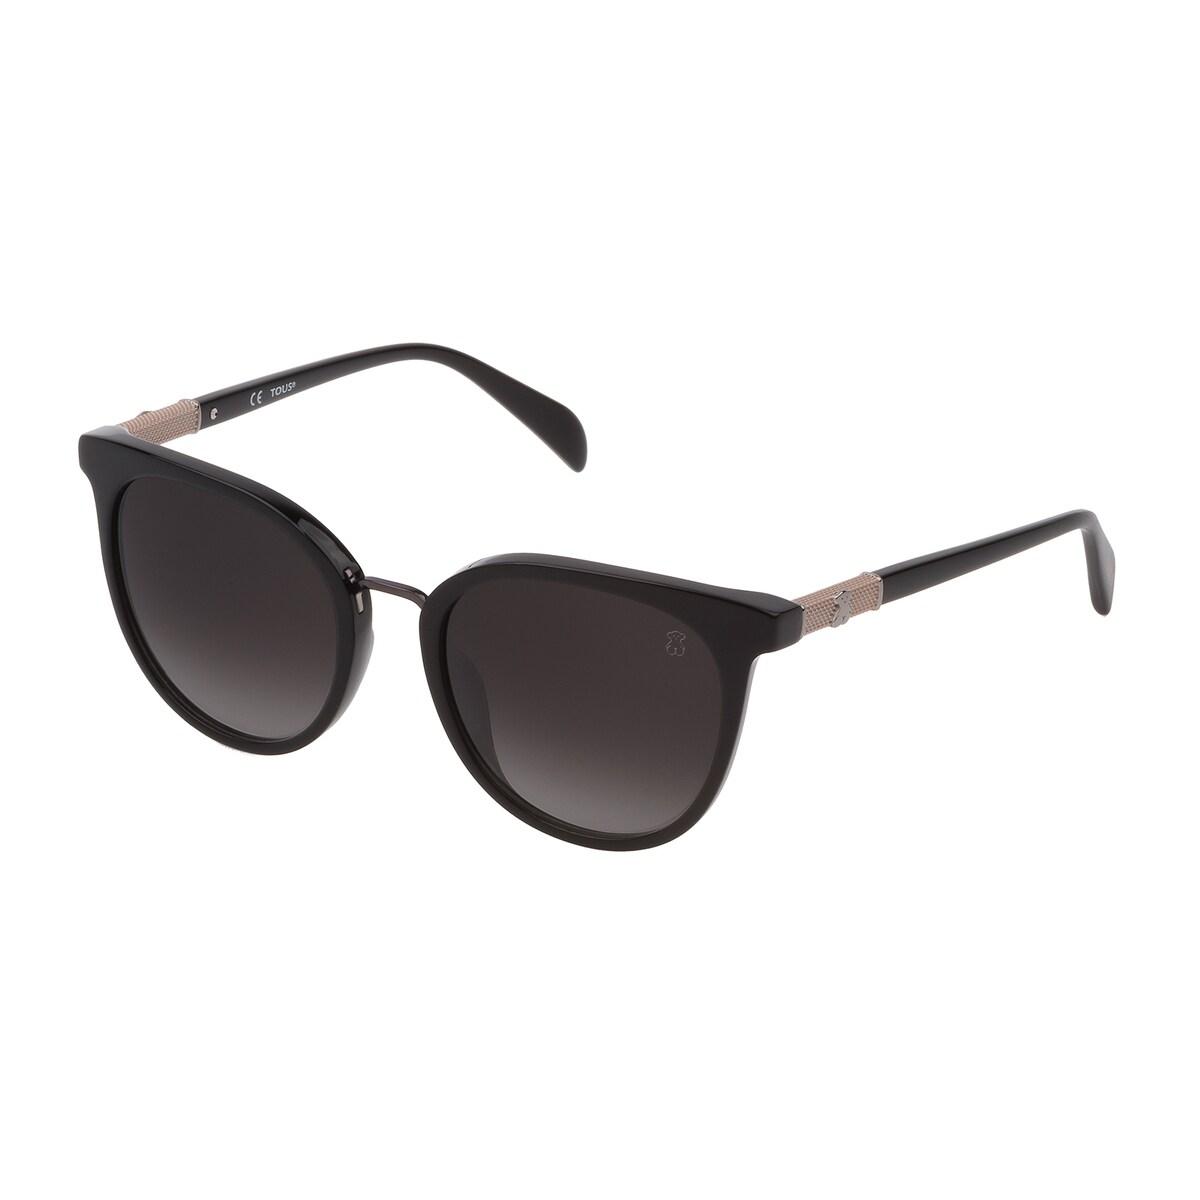 Gafas de sol Mesh de metal y acetato en color negro